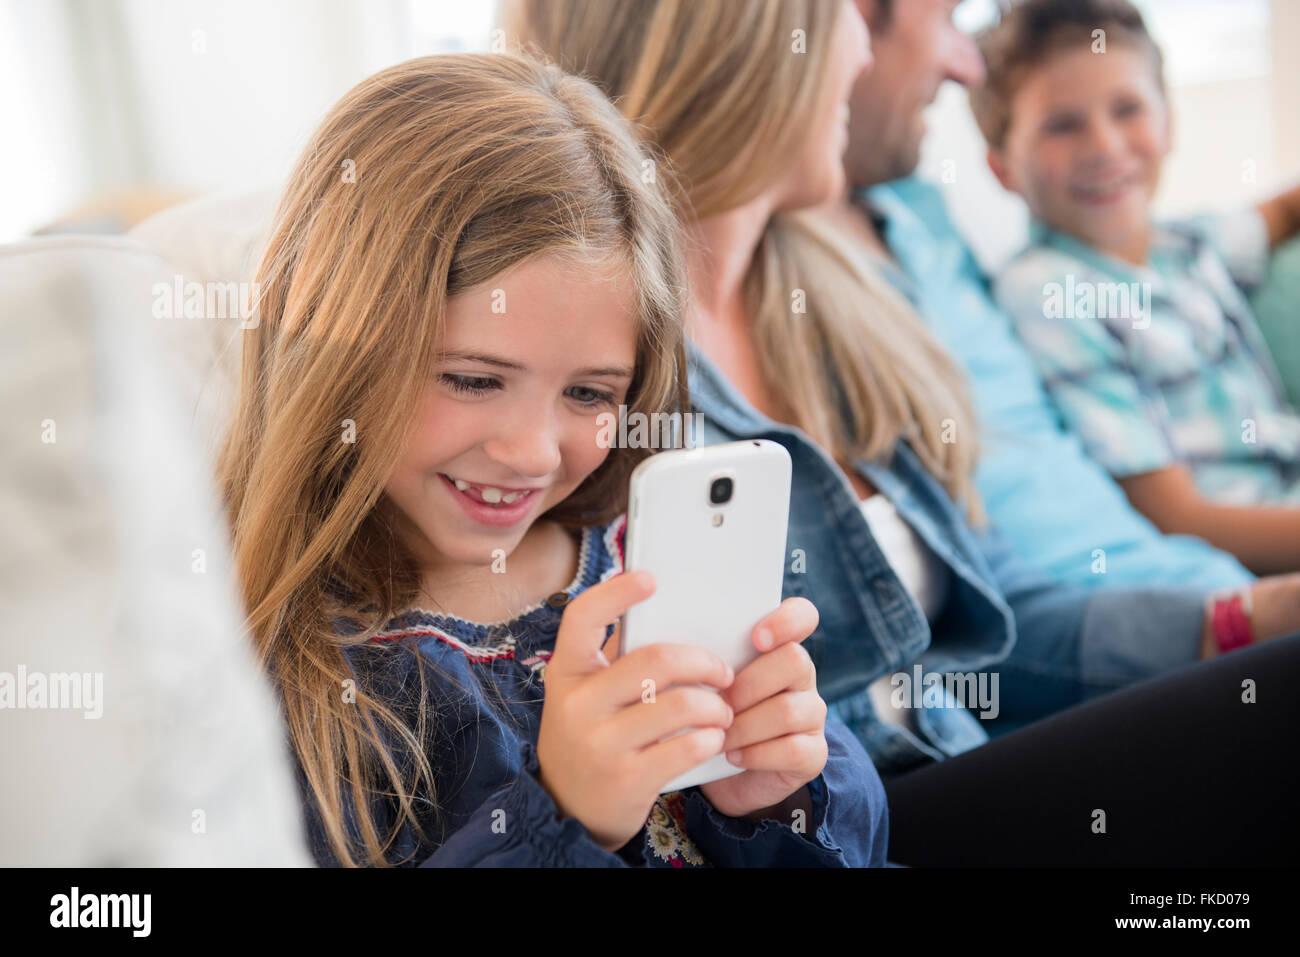 Chica (6-7) sentado en el sofá, usando teléfonos inteligentes. Imagen De Stock